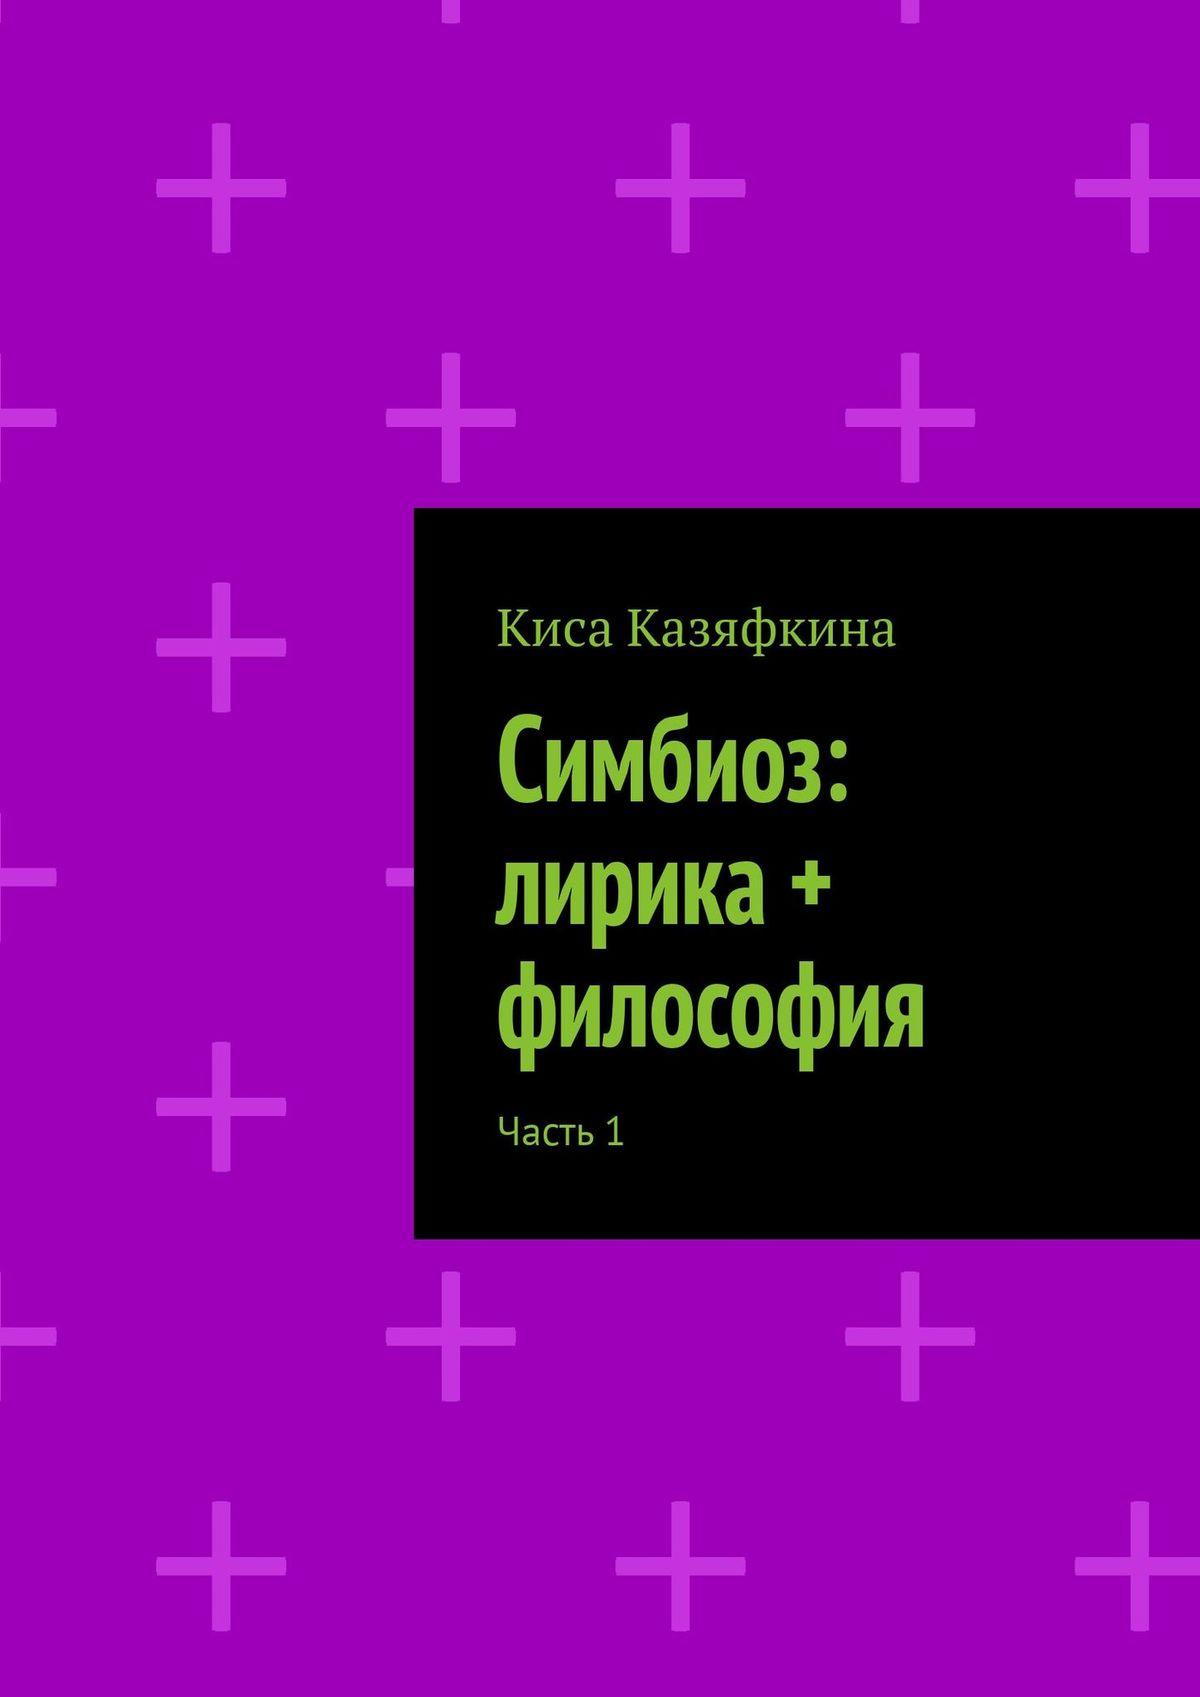 Симбиоз: лирика + философия. Часть1